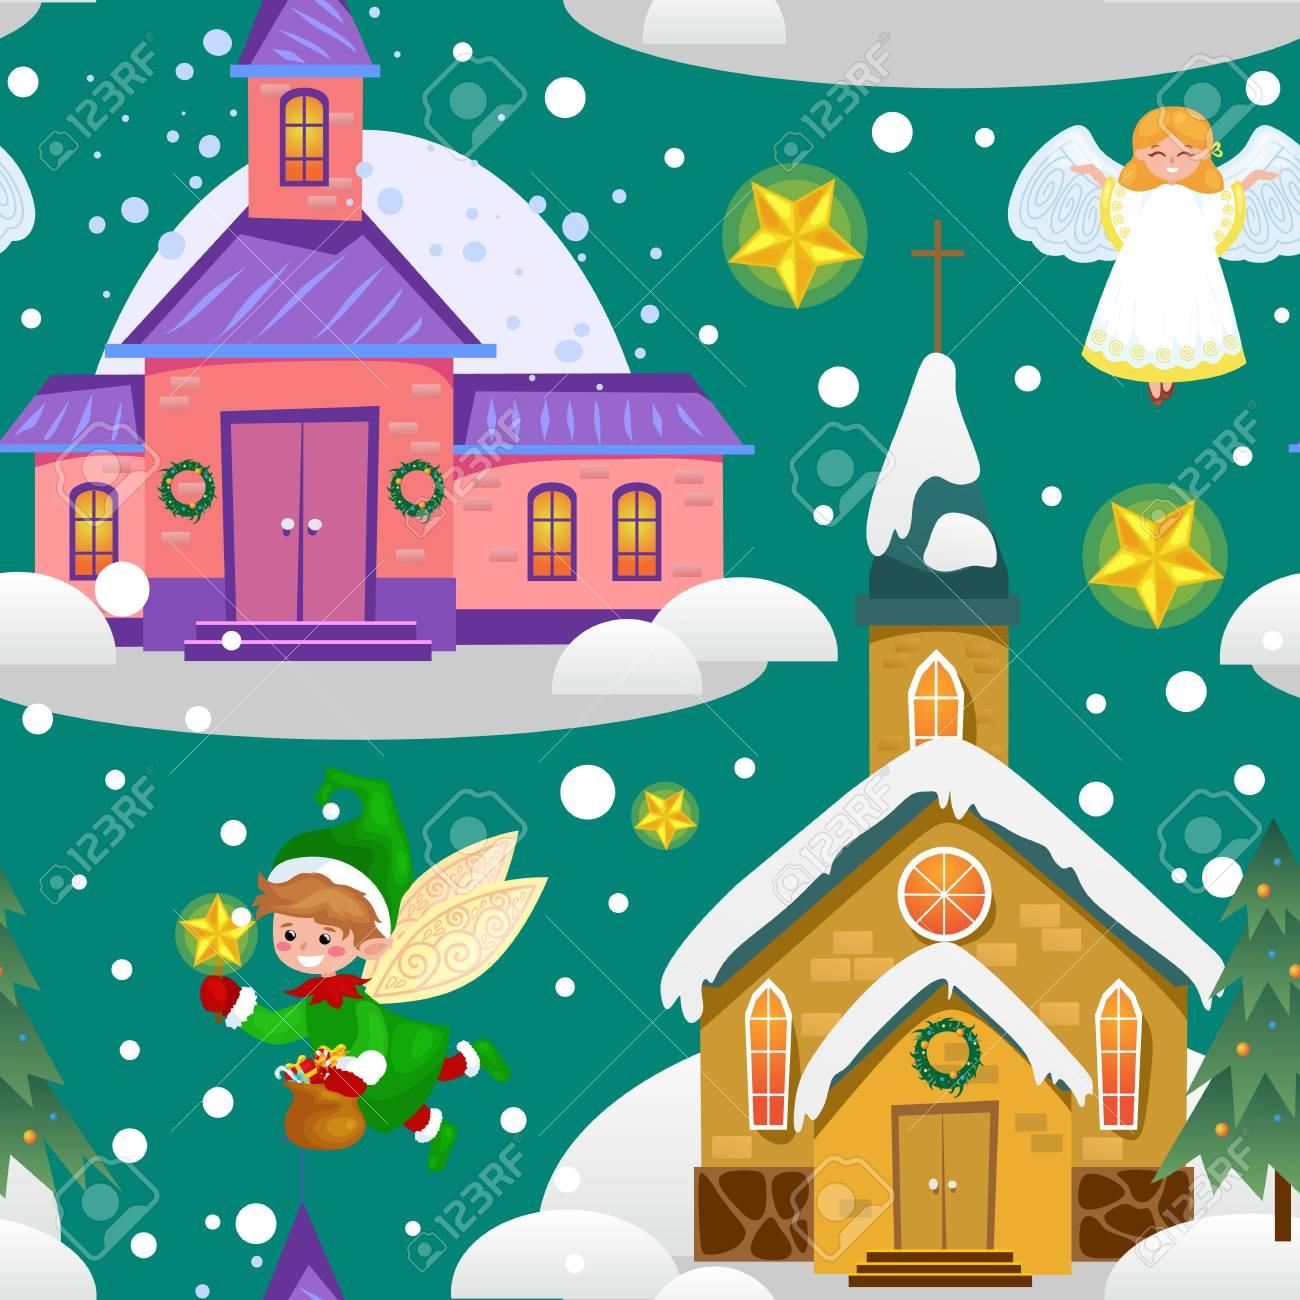 Weihnachten Im Christentum.Stock Photo